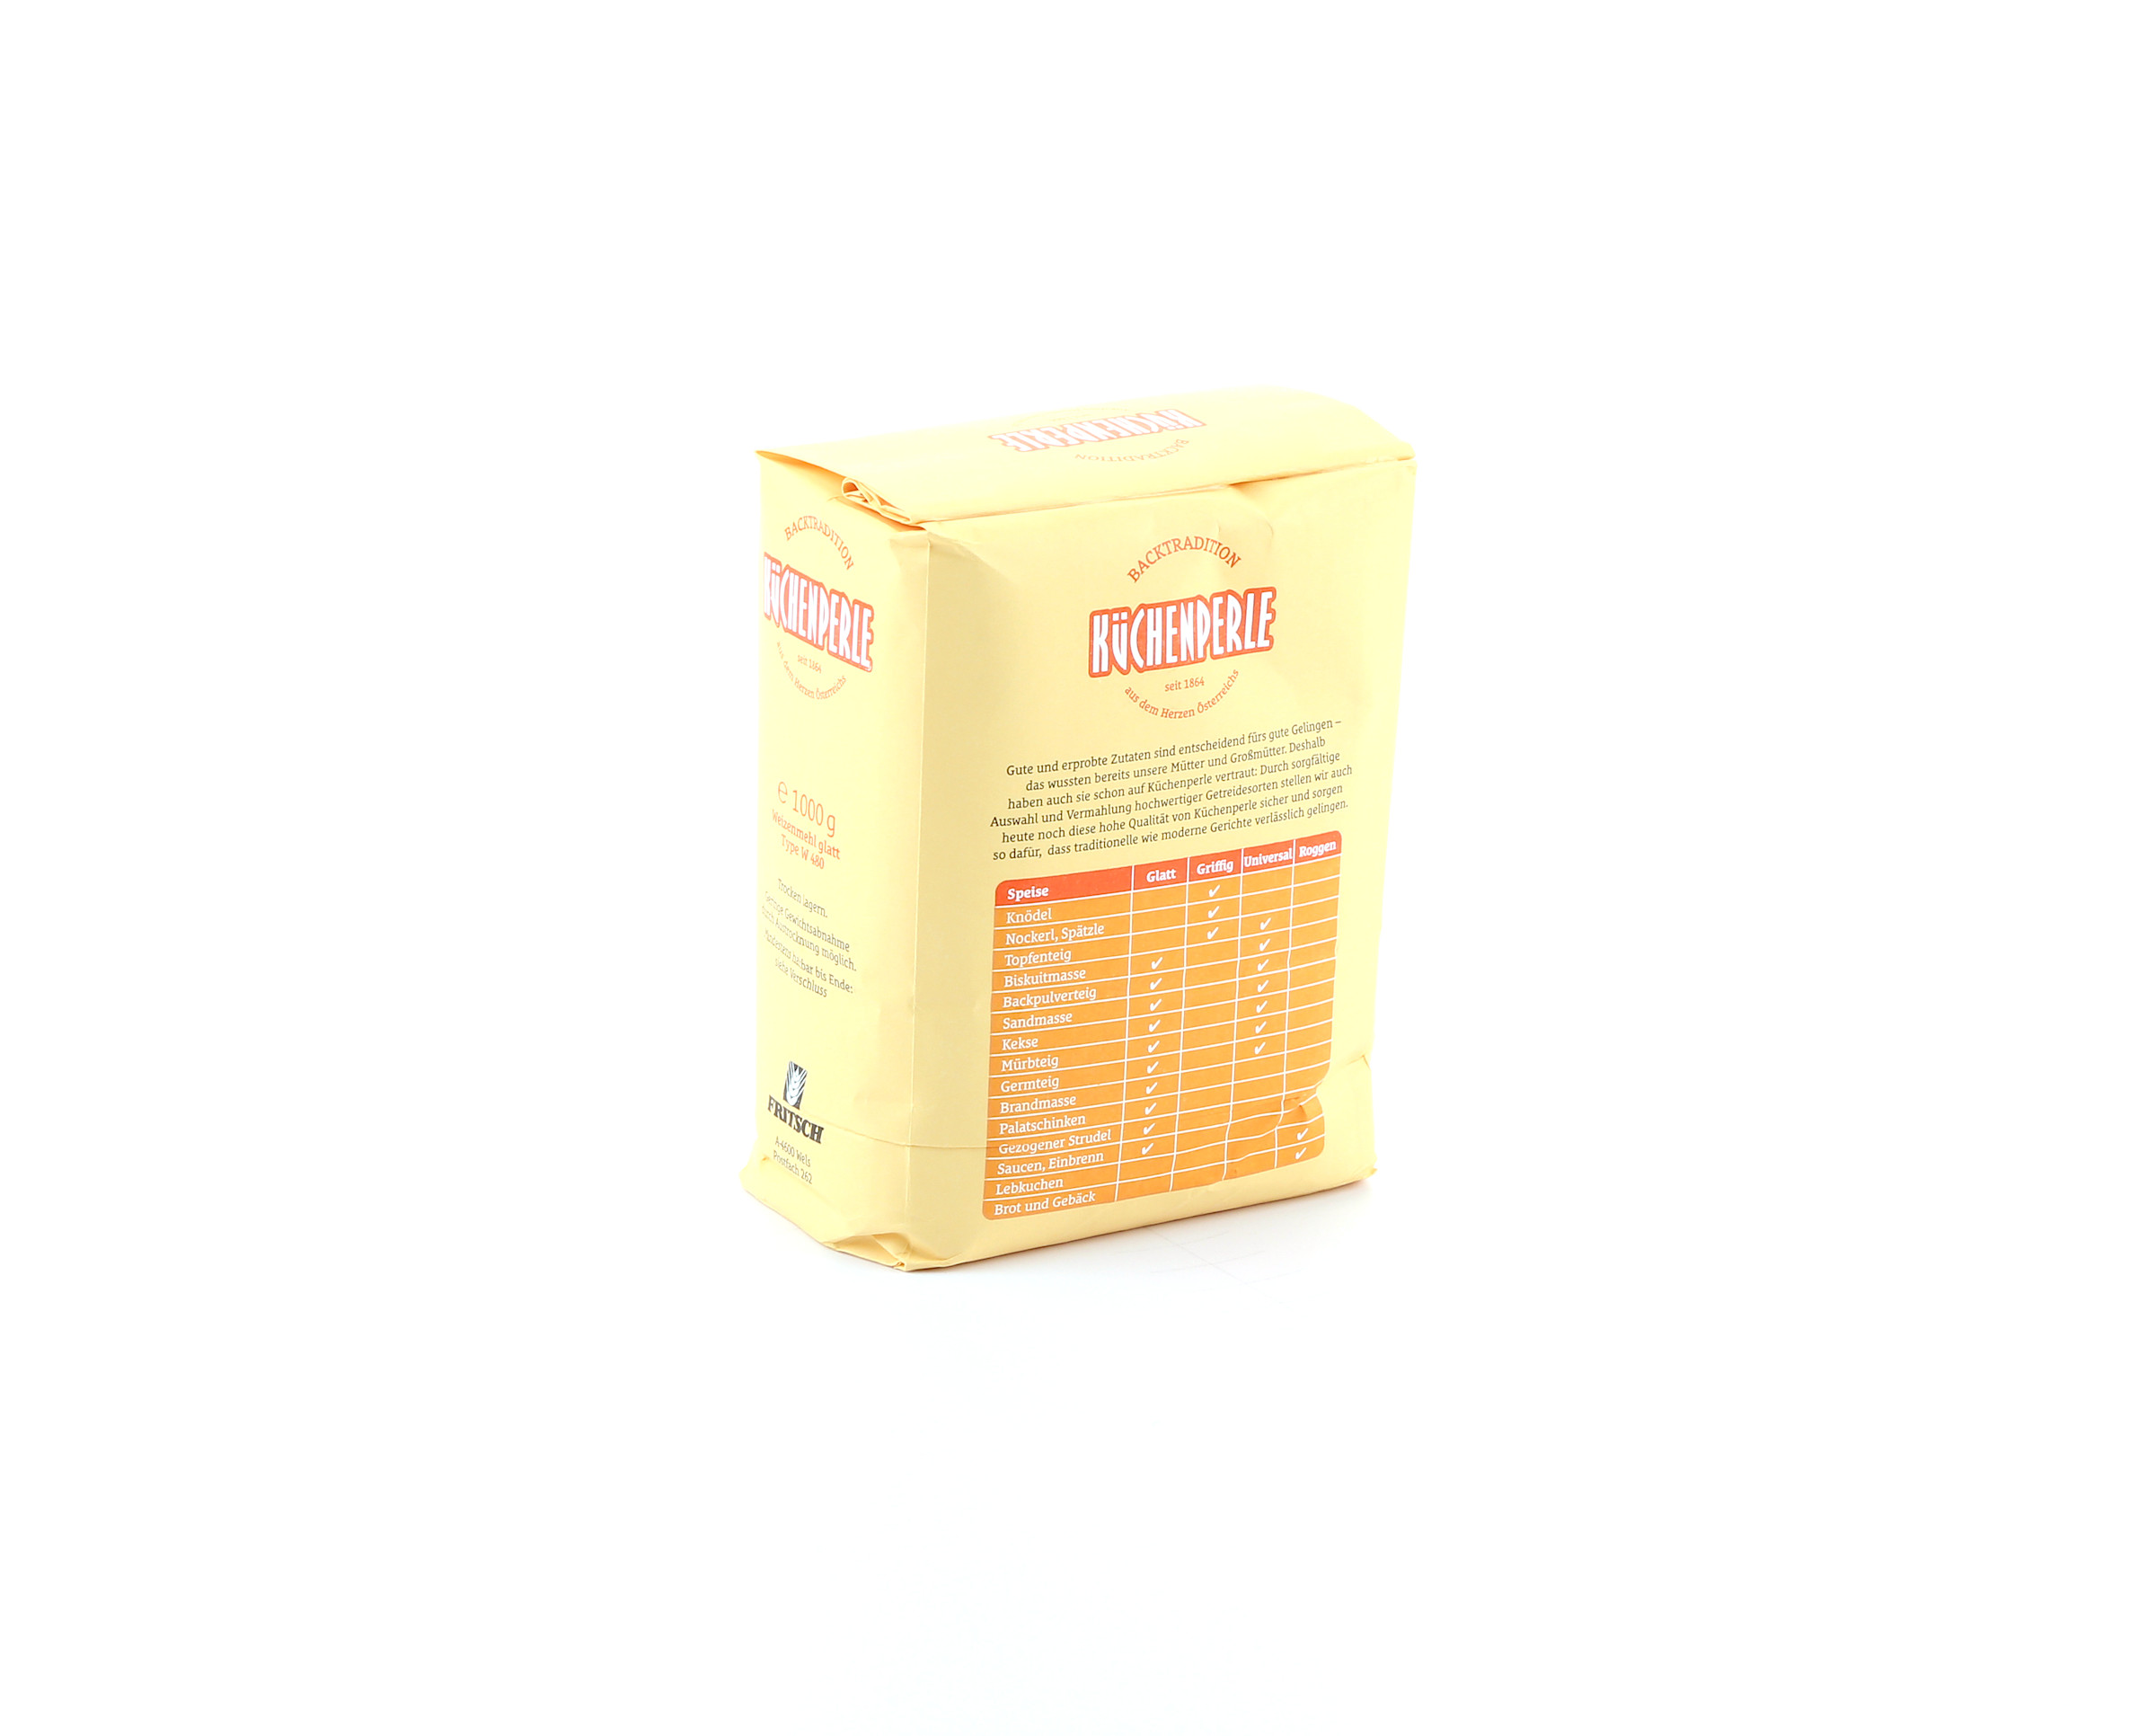 Küchenperle Mehl ~ fritsch küchenperle mehl im unimarkt online shop bestellen